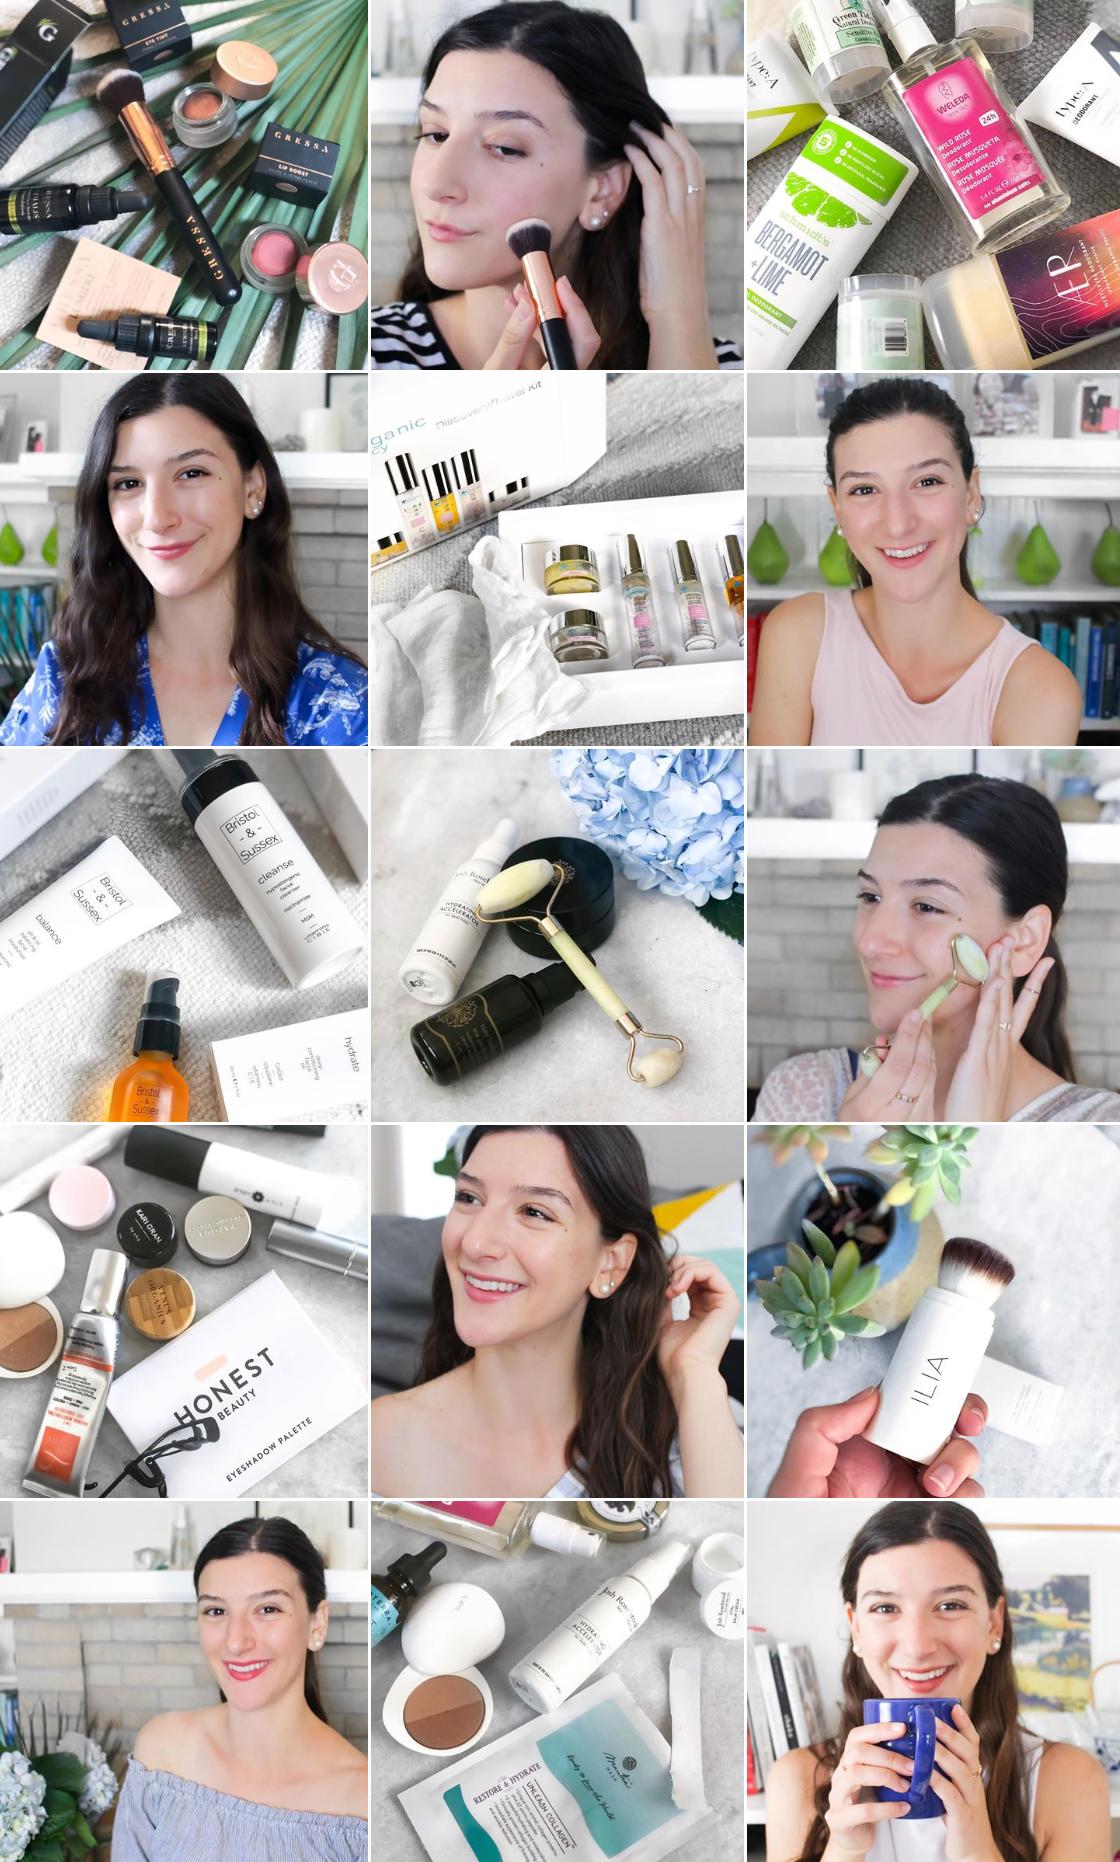 Cosmetics-By-Caroline-Instagram